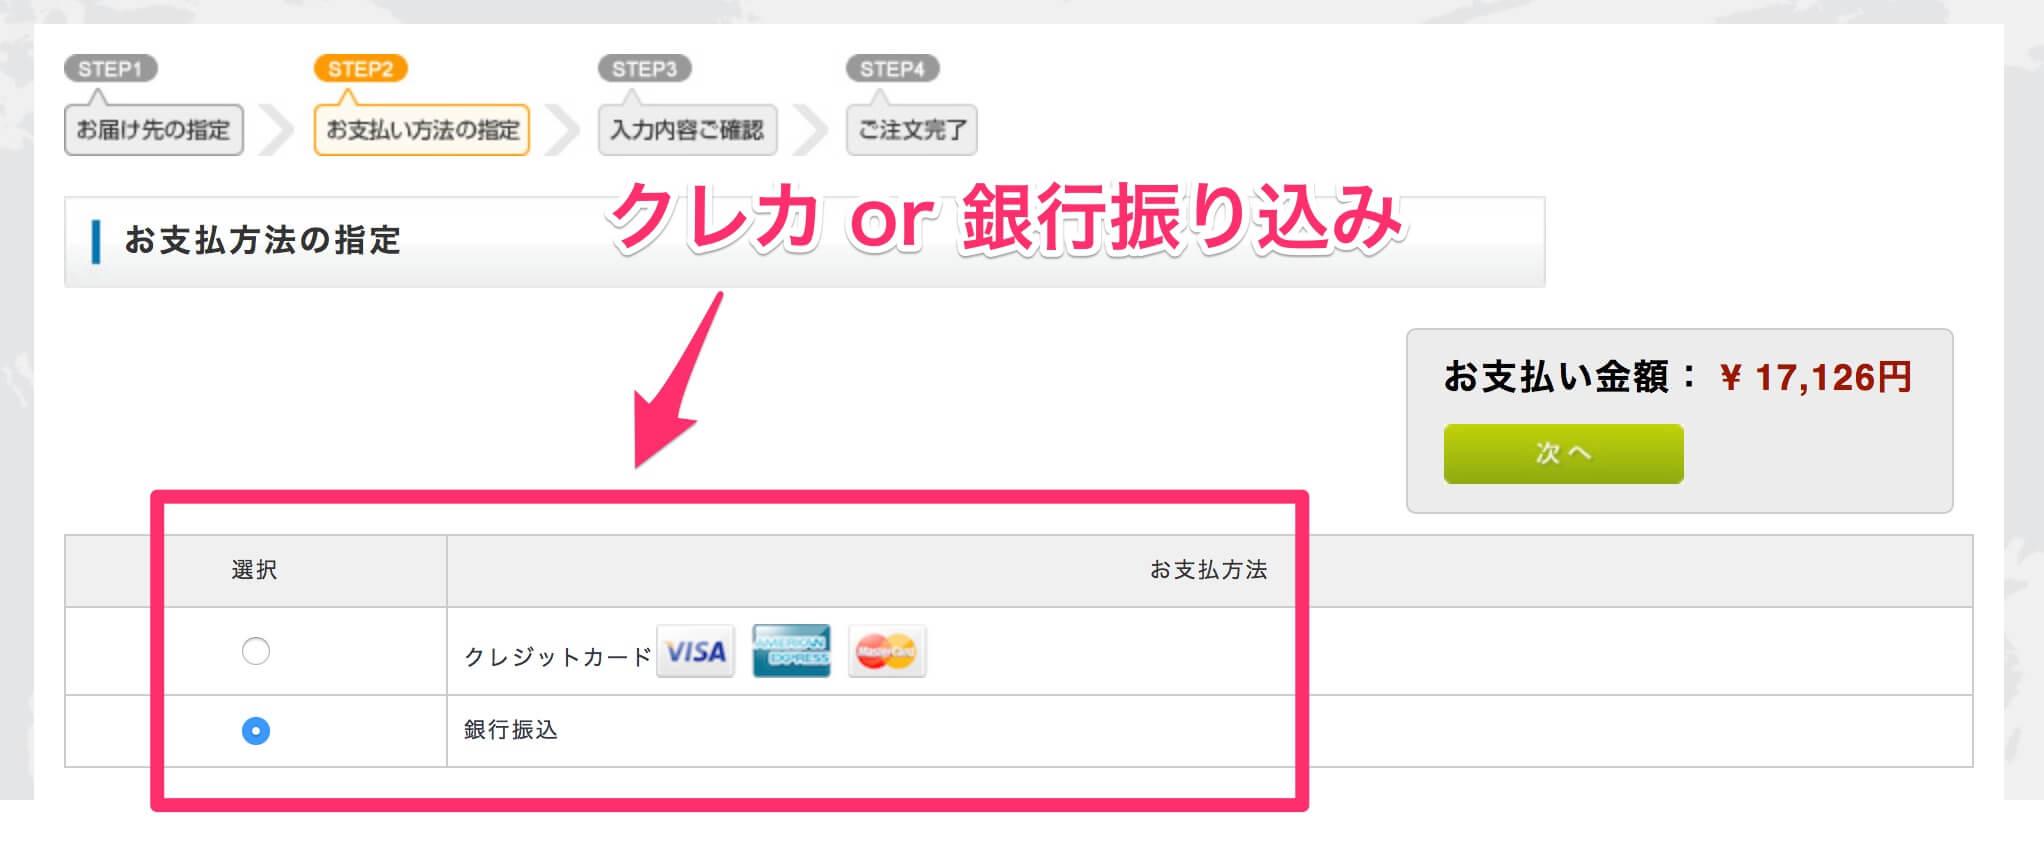 お支払い方法 選択 ページ スクショ